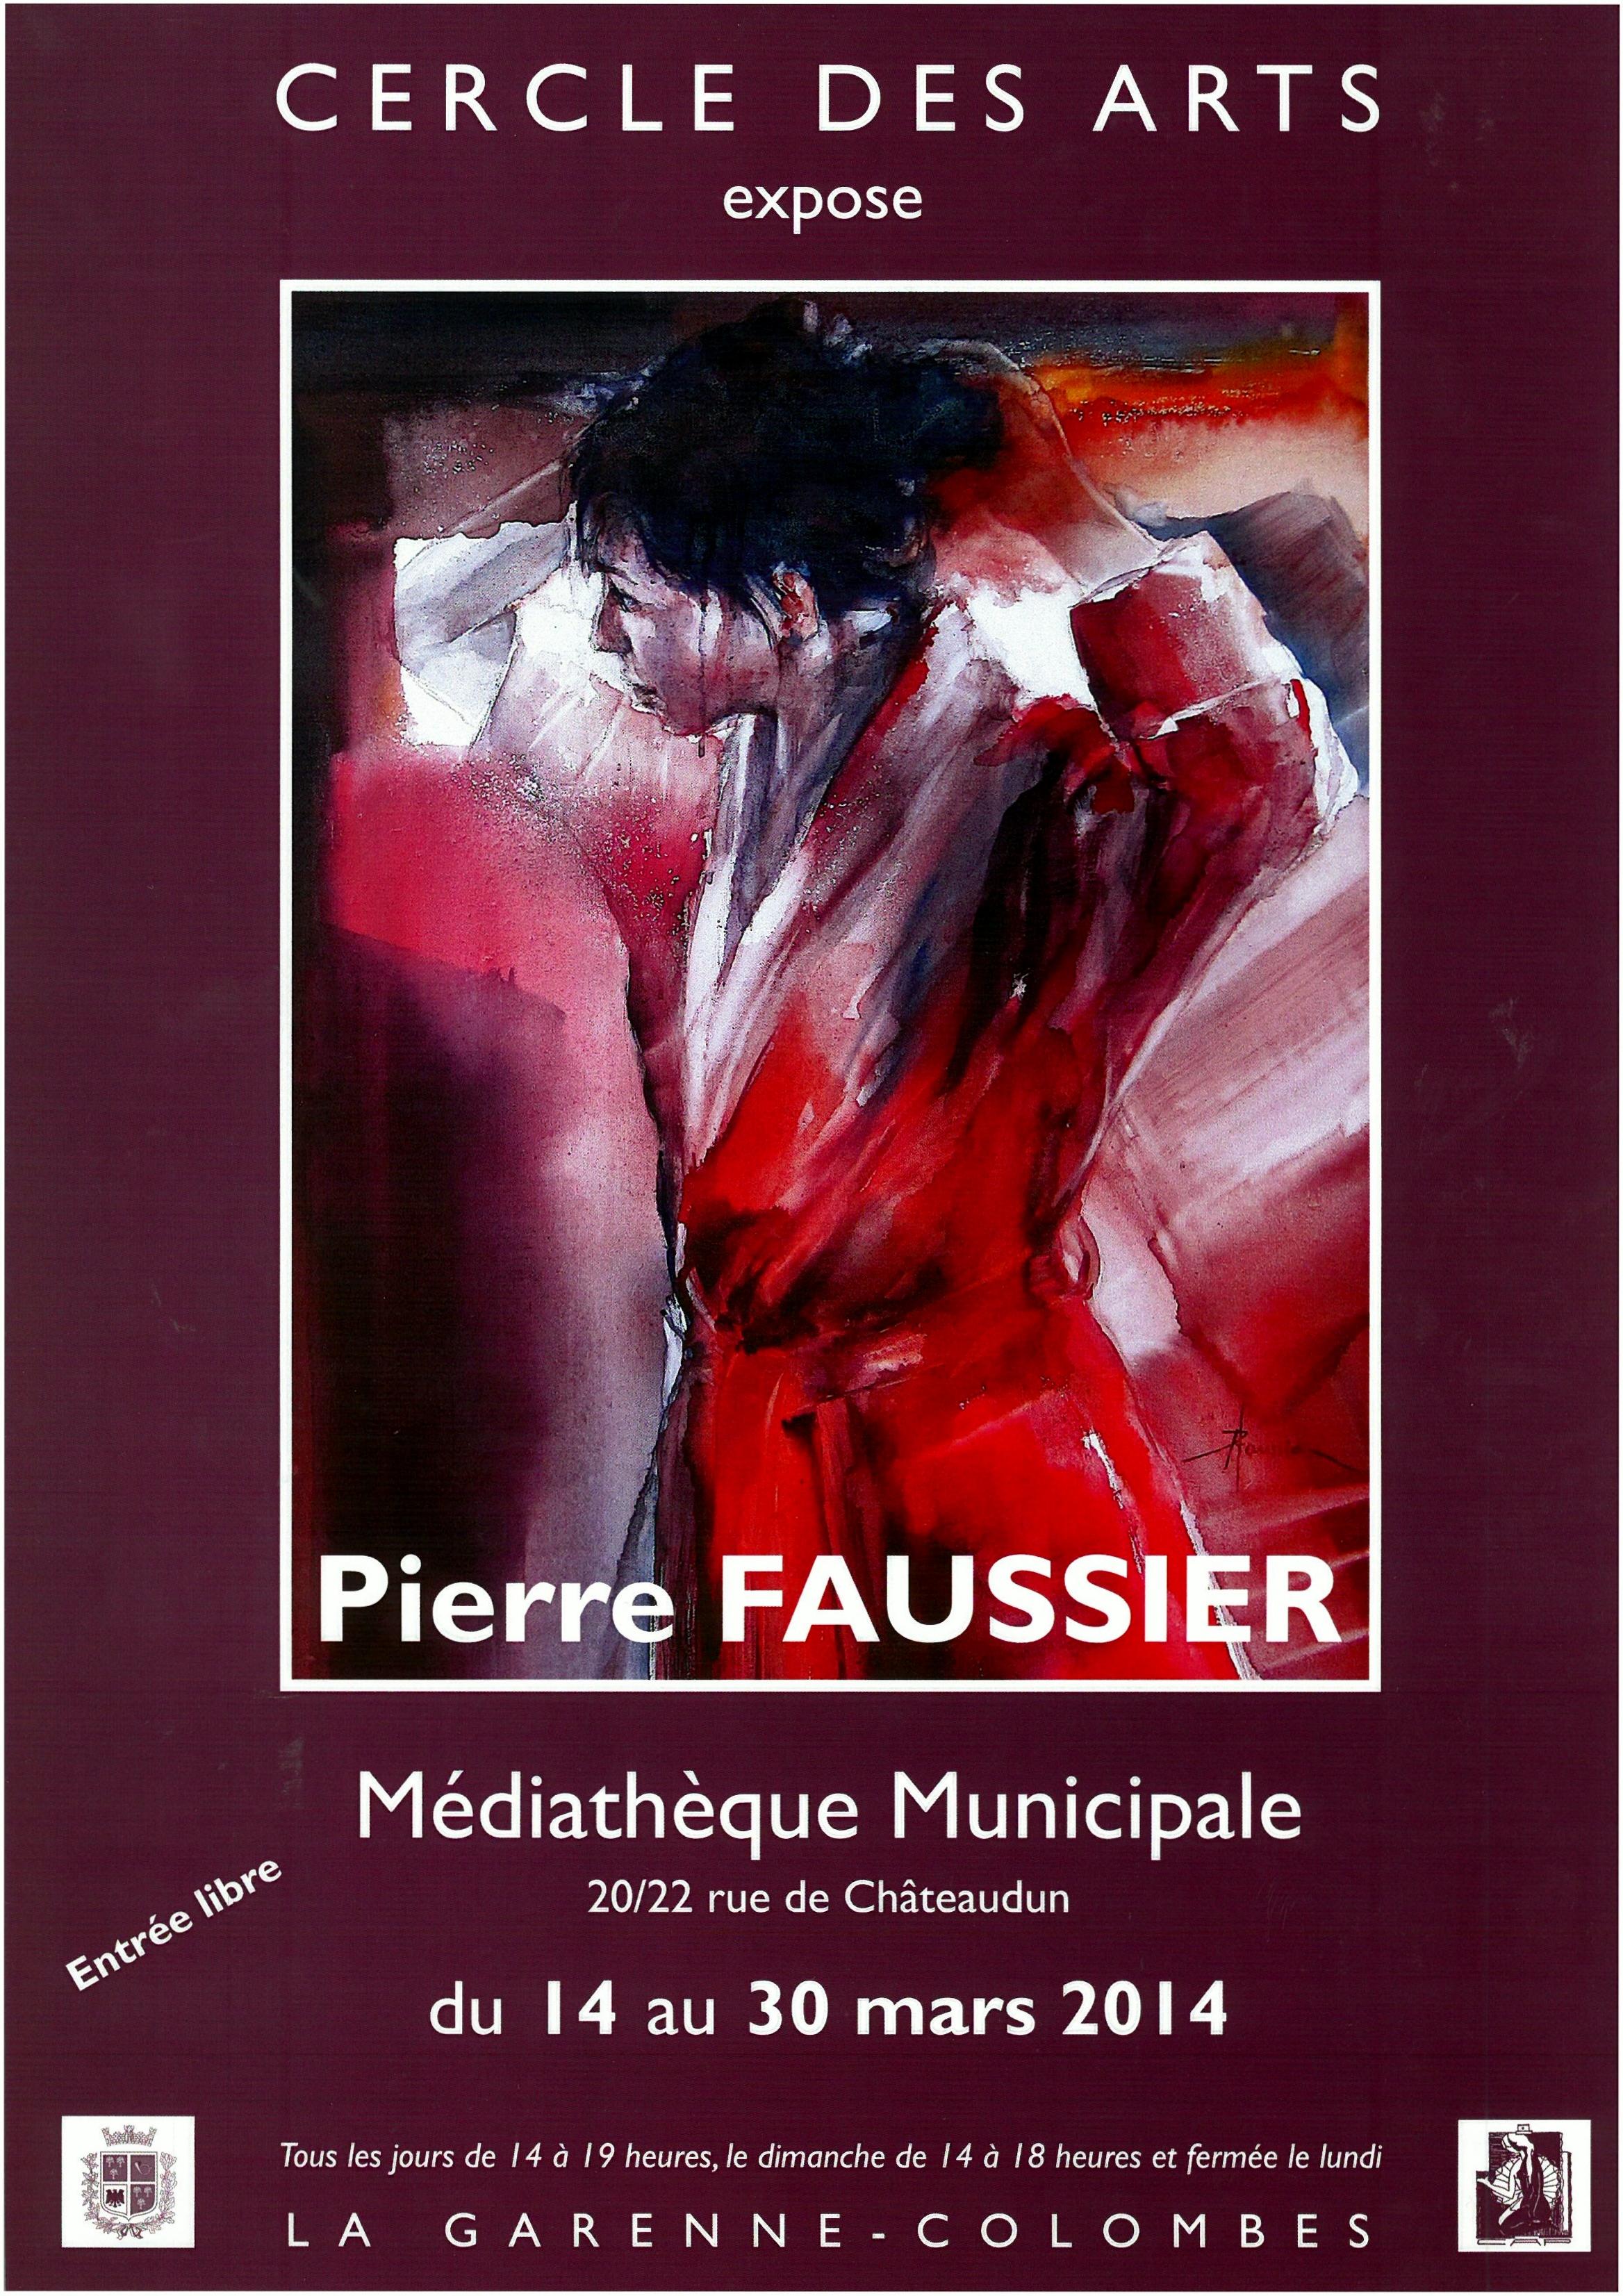 Pierre FAUSSIER